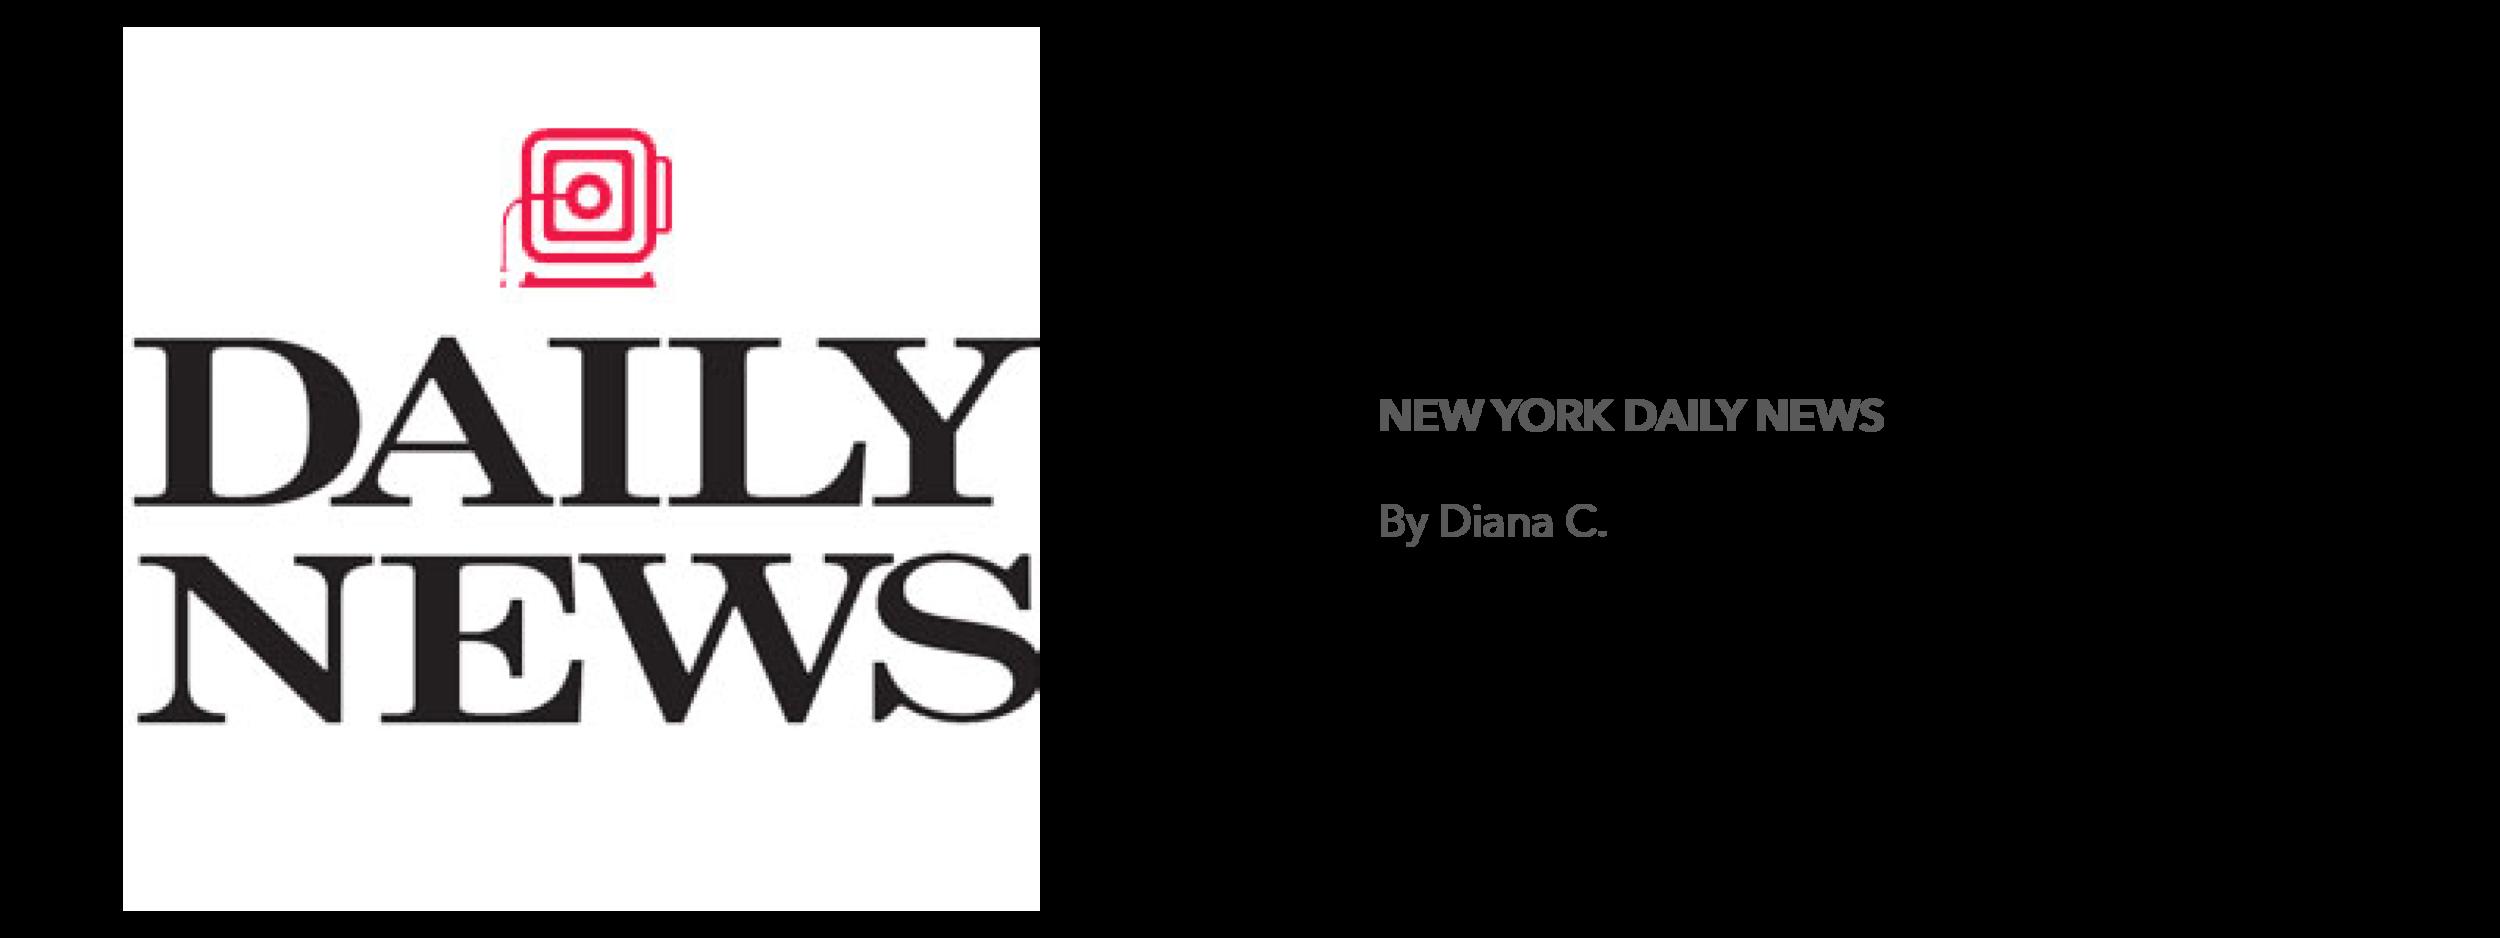 NY-Daily-News-J-ELSTER